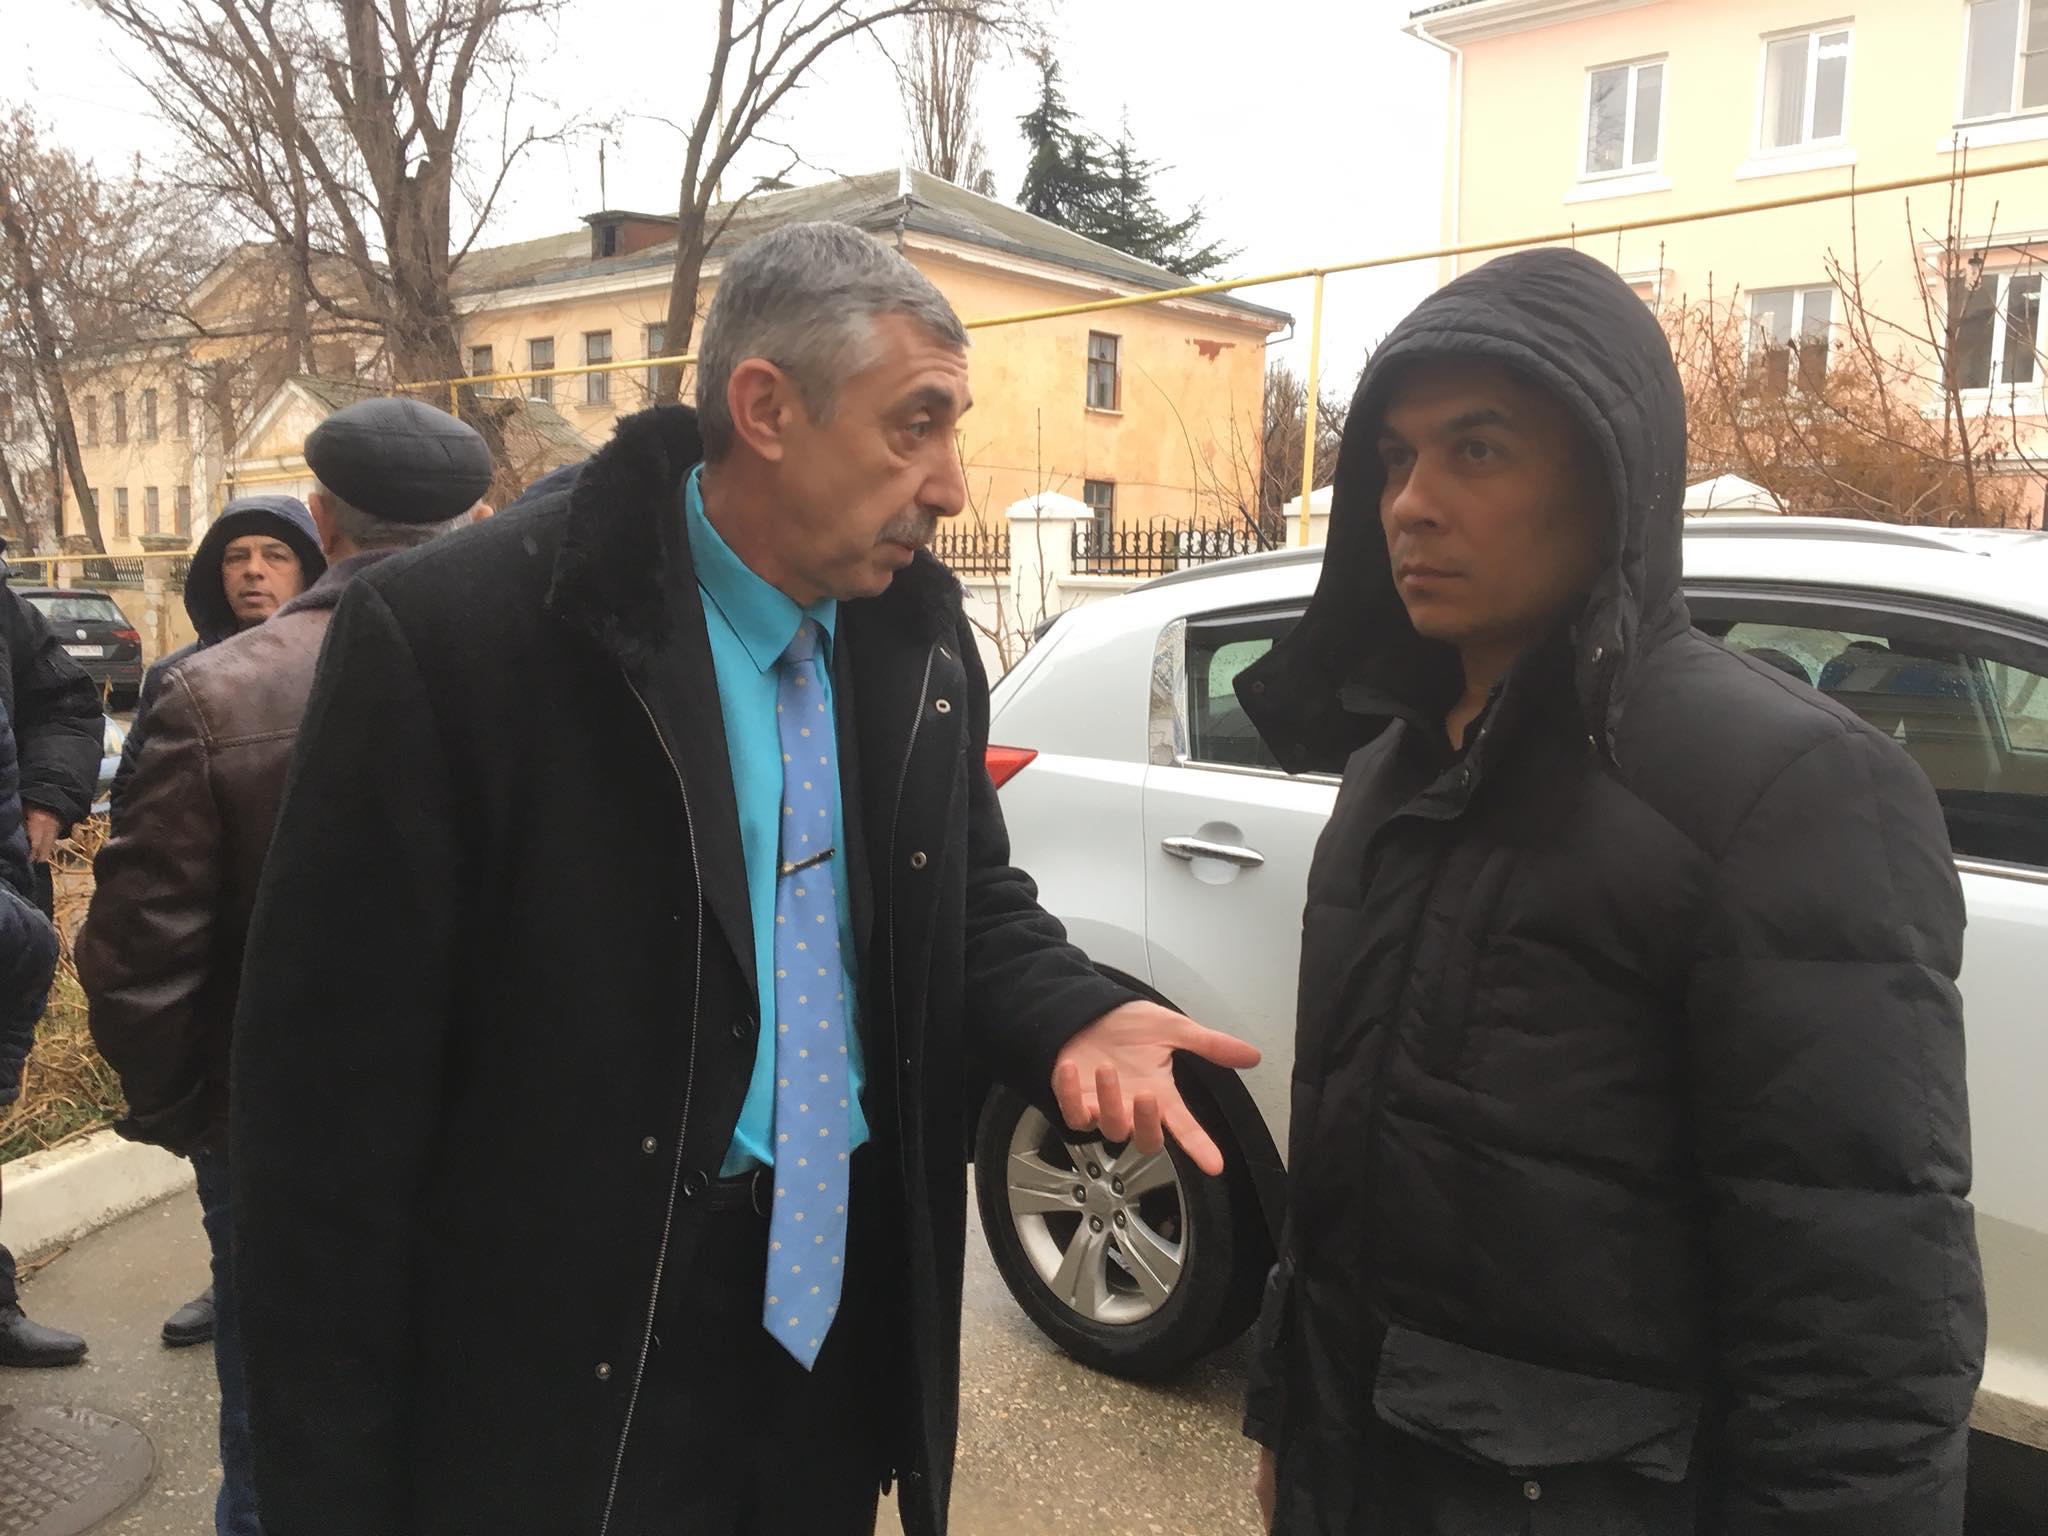 Кримський активіст, якого судять за пост у Facebook, вважає справу сфабрикованою